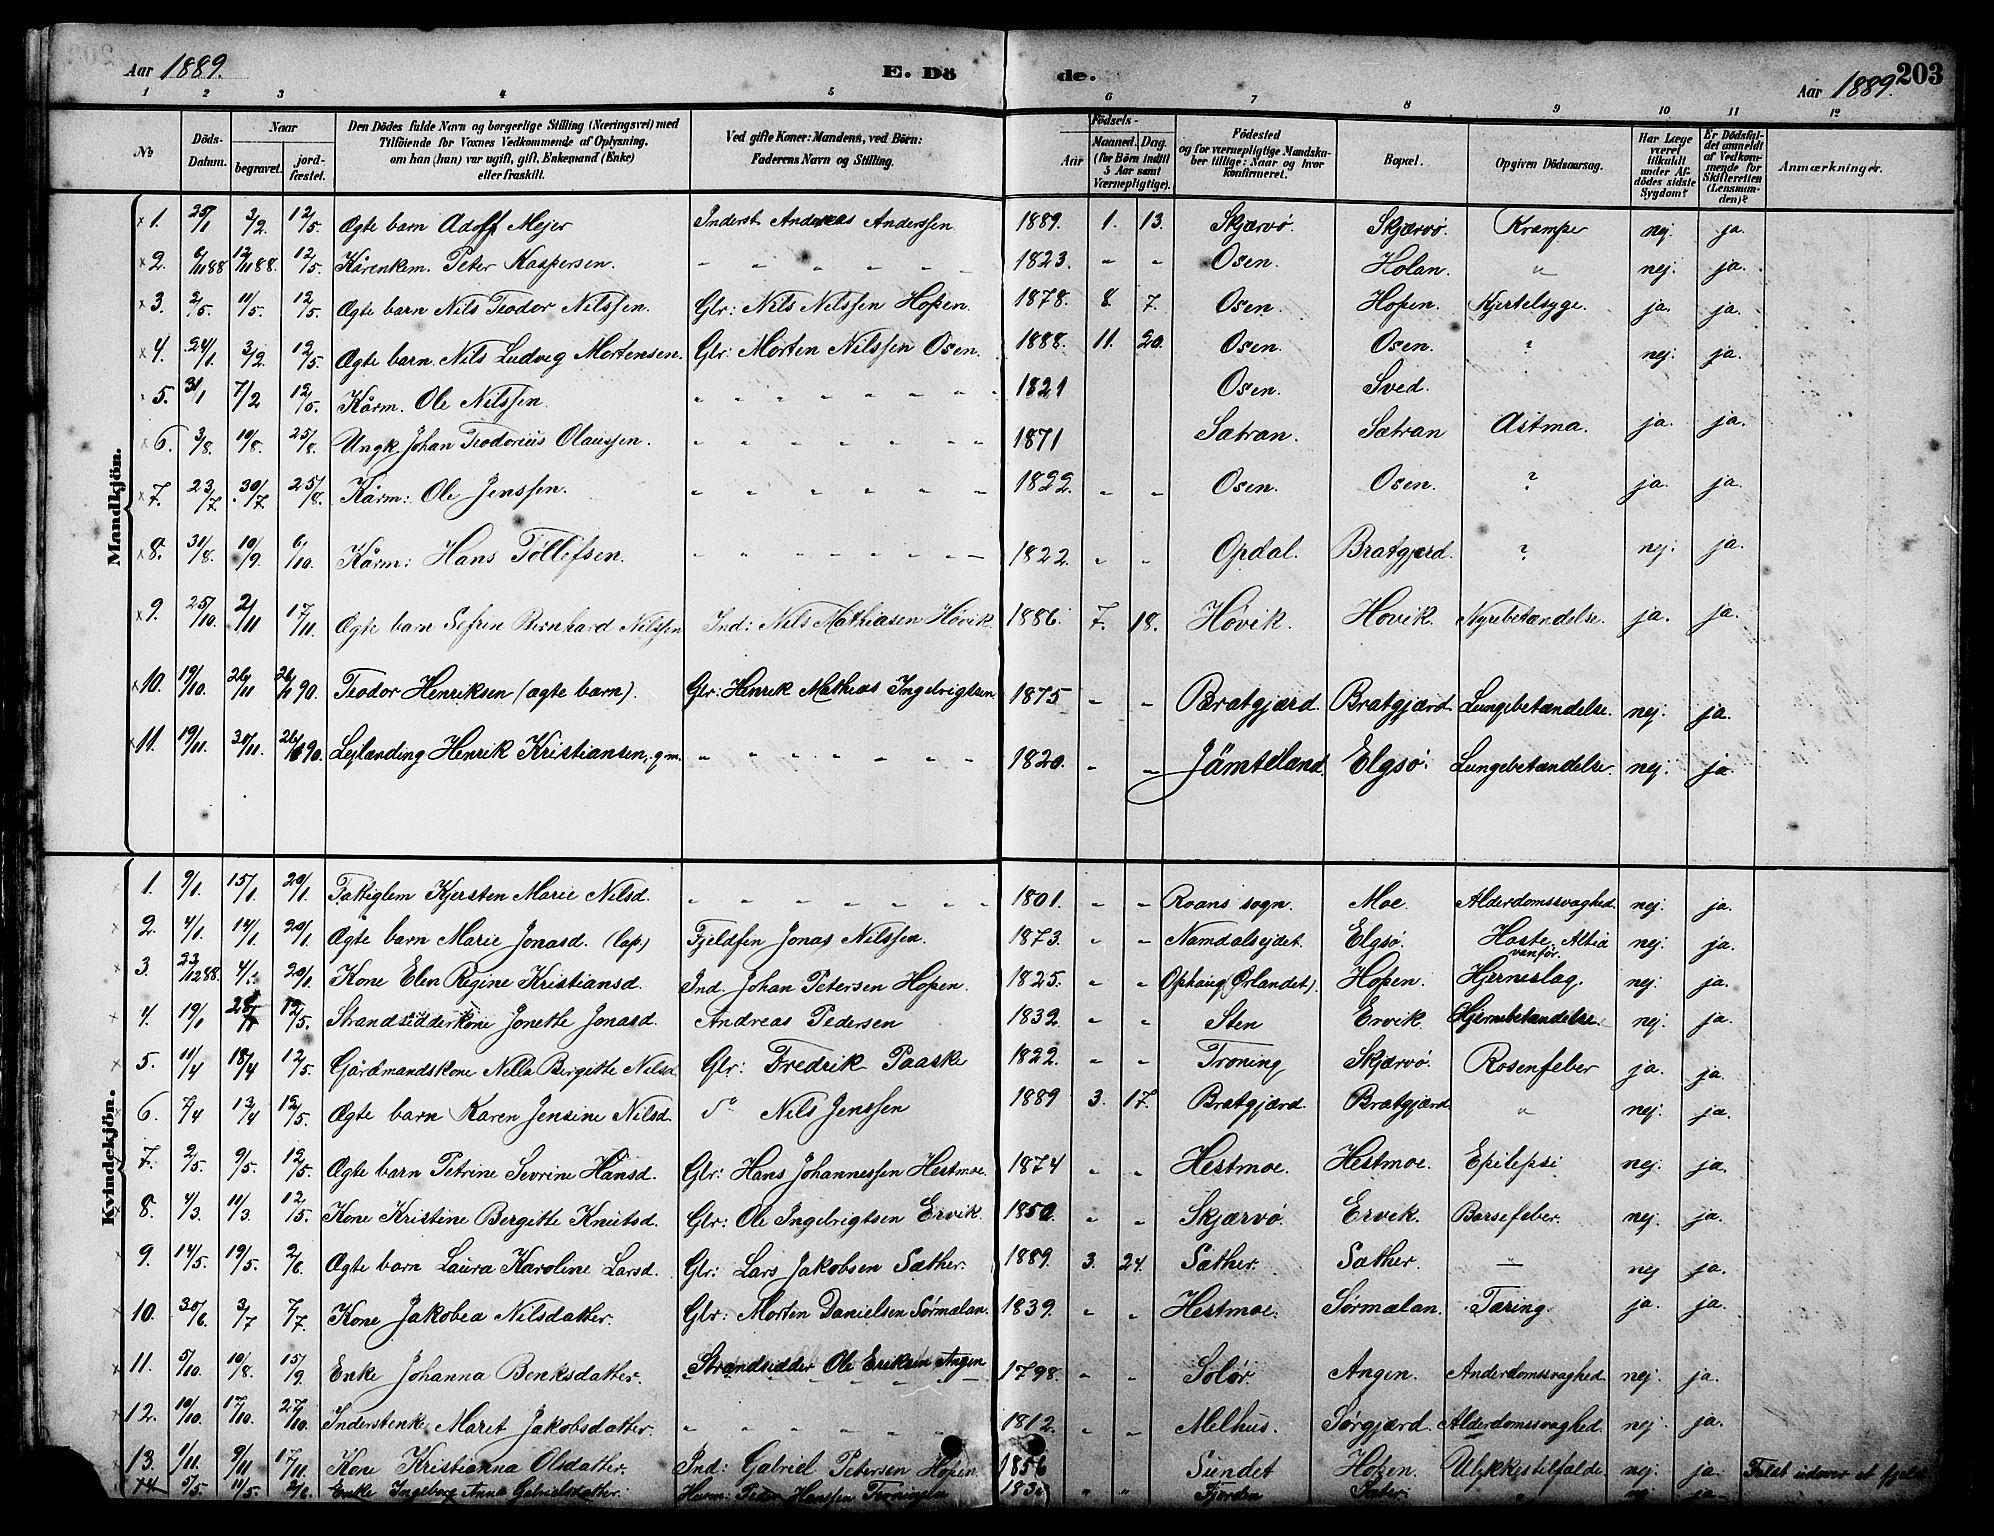 SAT, Ministerialprotokoller, klokkerbøker og fødselsregistre - Sør-Trøndelag, 658/L0726: Klokkerbok nr. 658C02, 1883-1908, s. 203